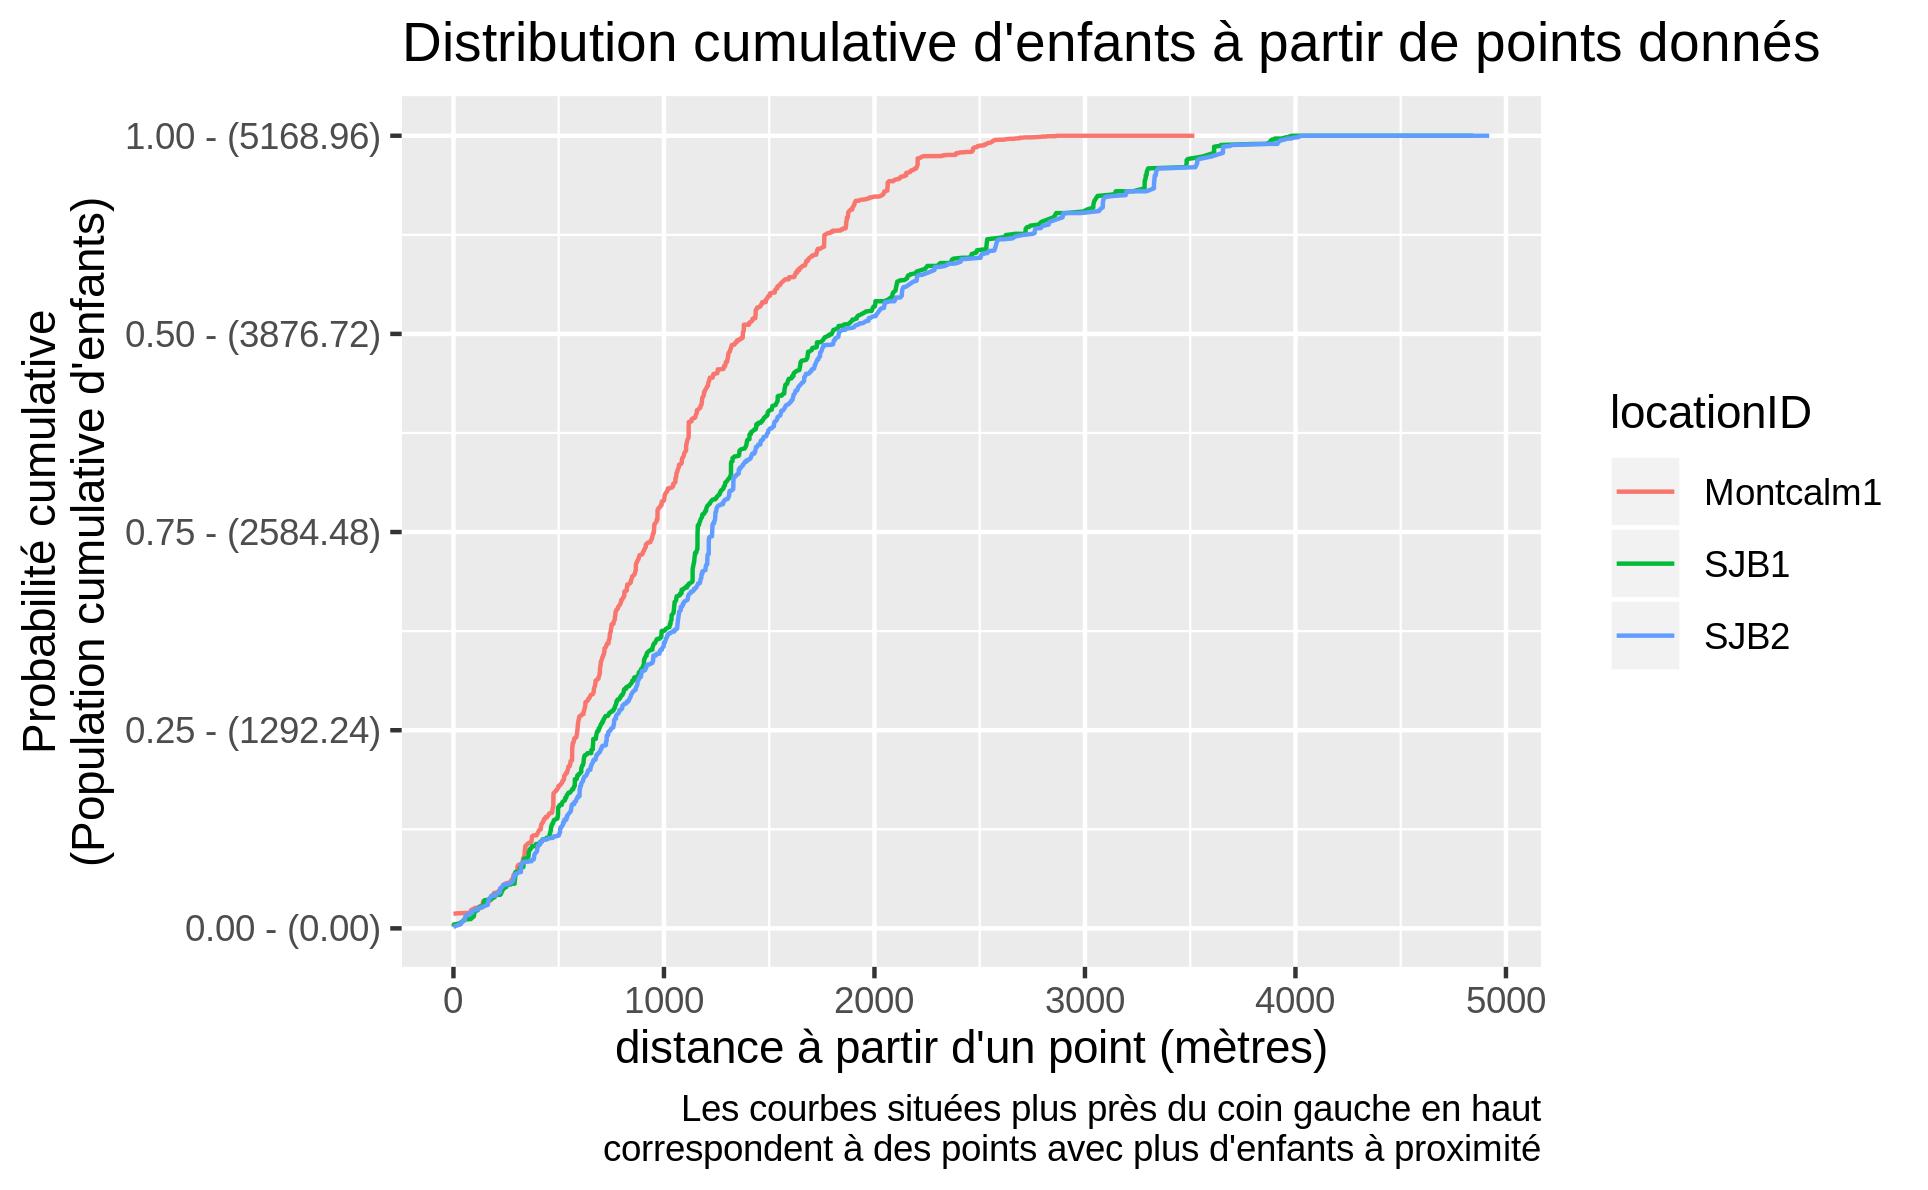 Distribution cumulative d'enfants selon la distance à partir de 3 points.